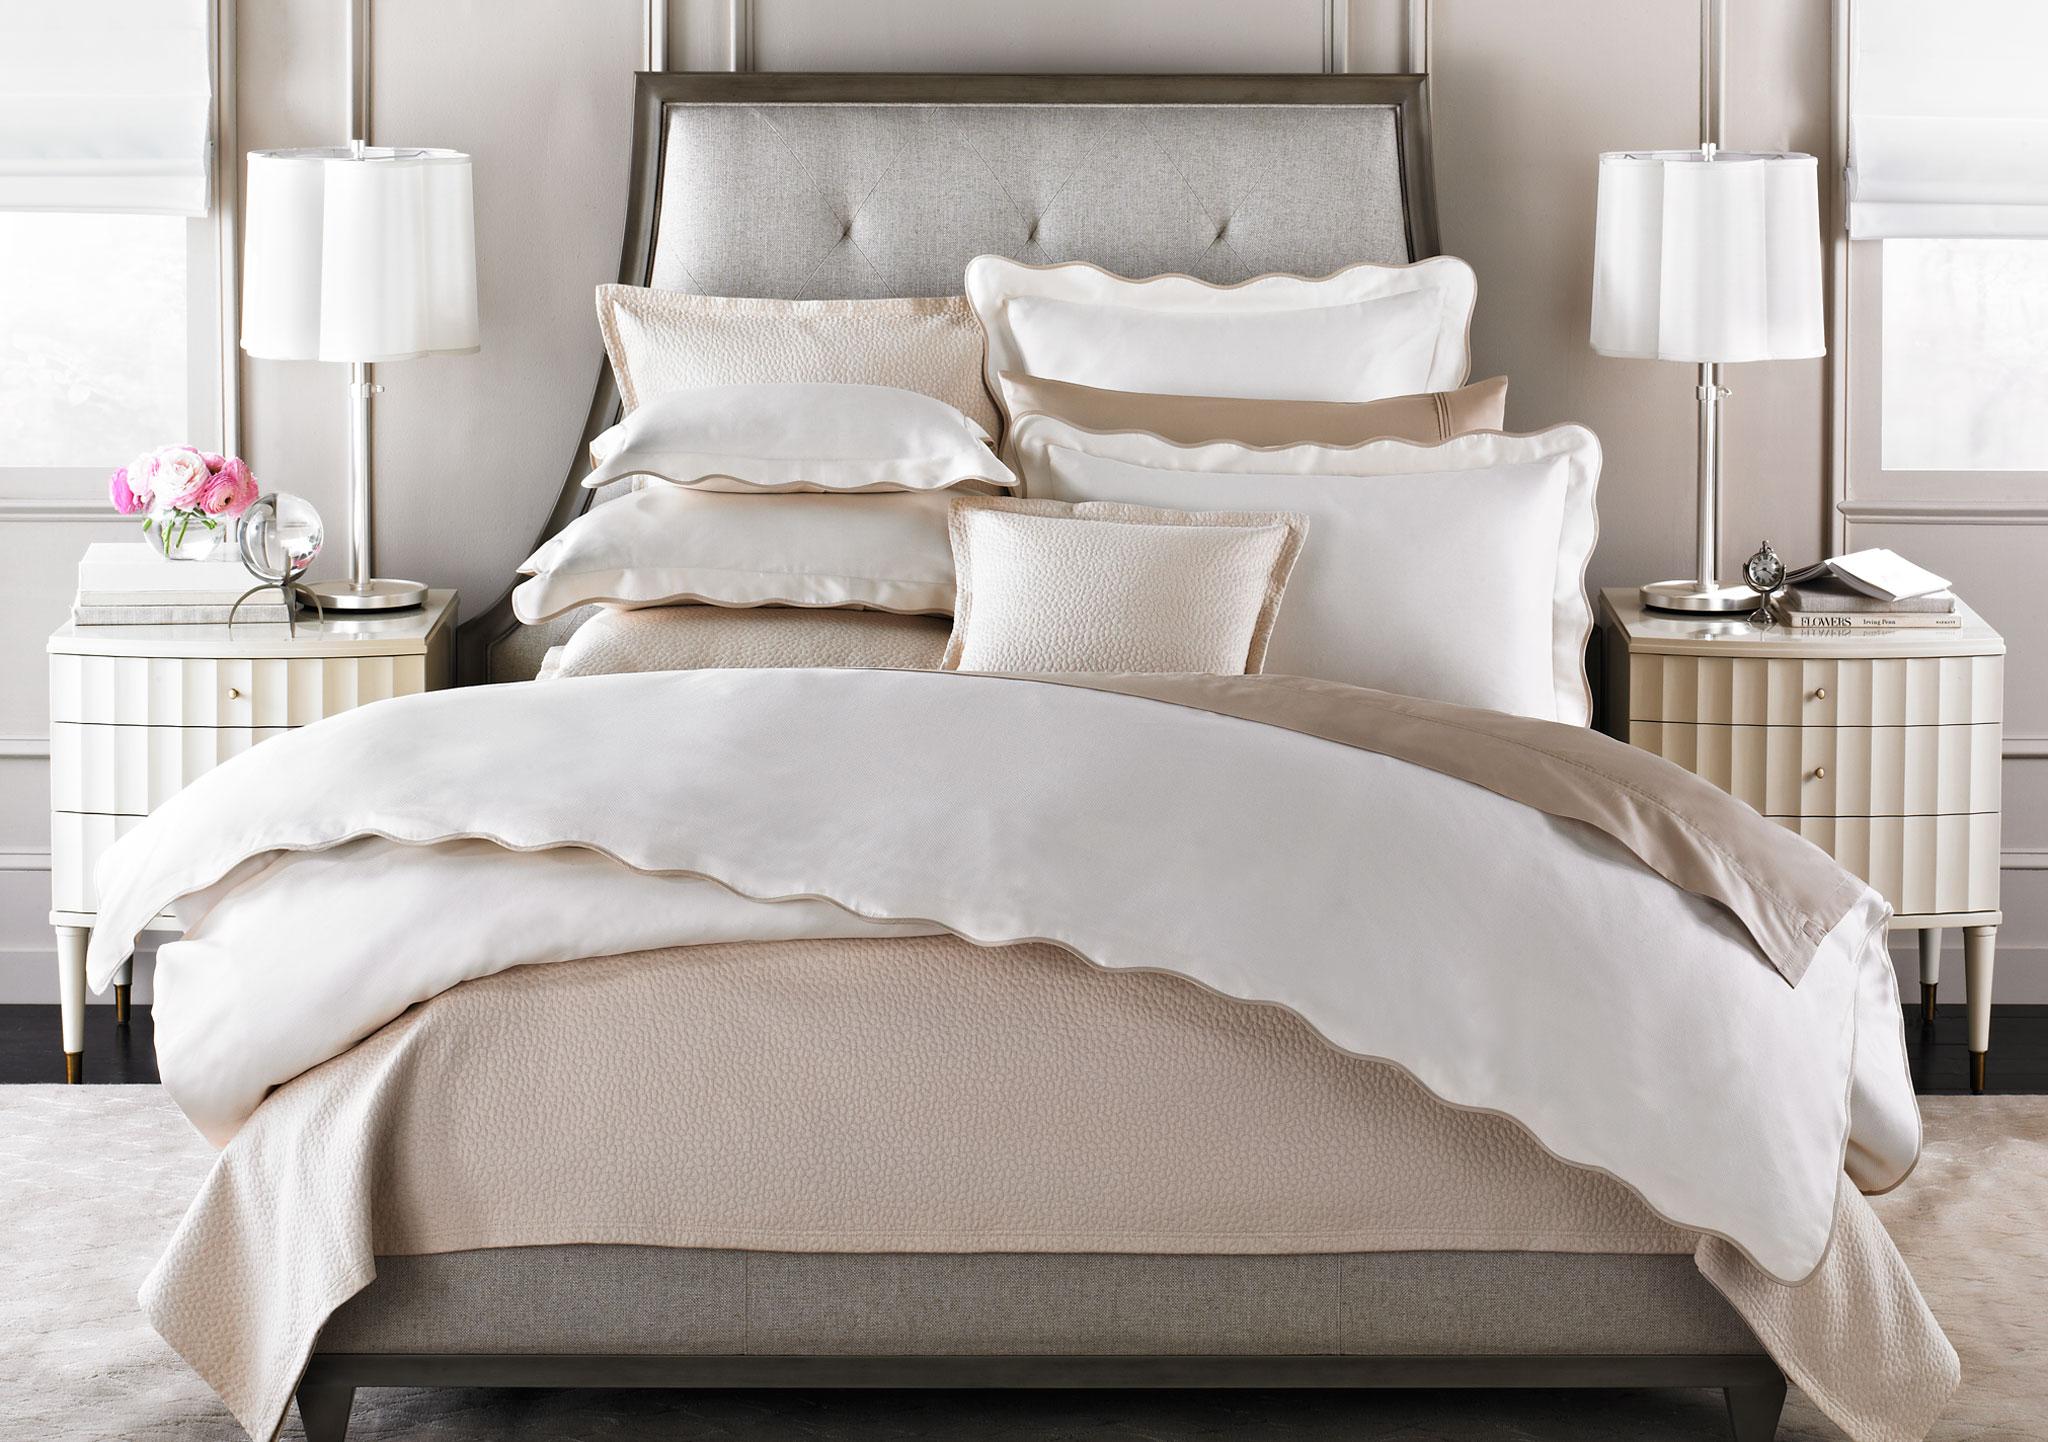 Кровать с мягким матрасом